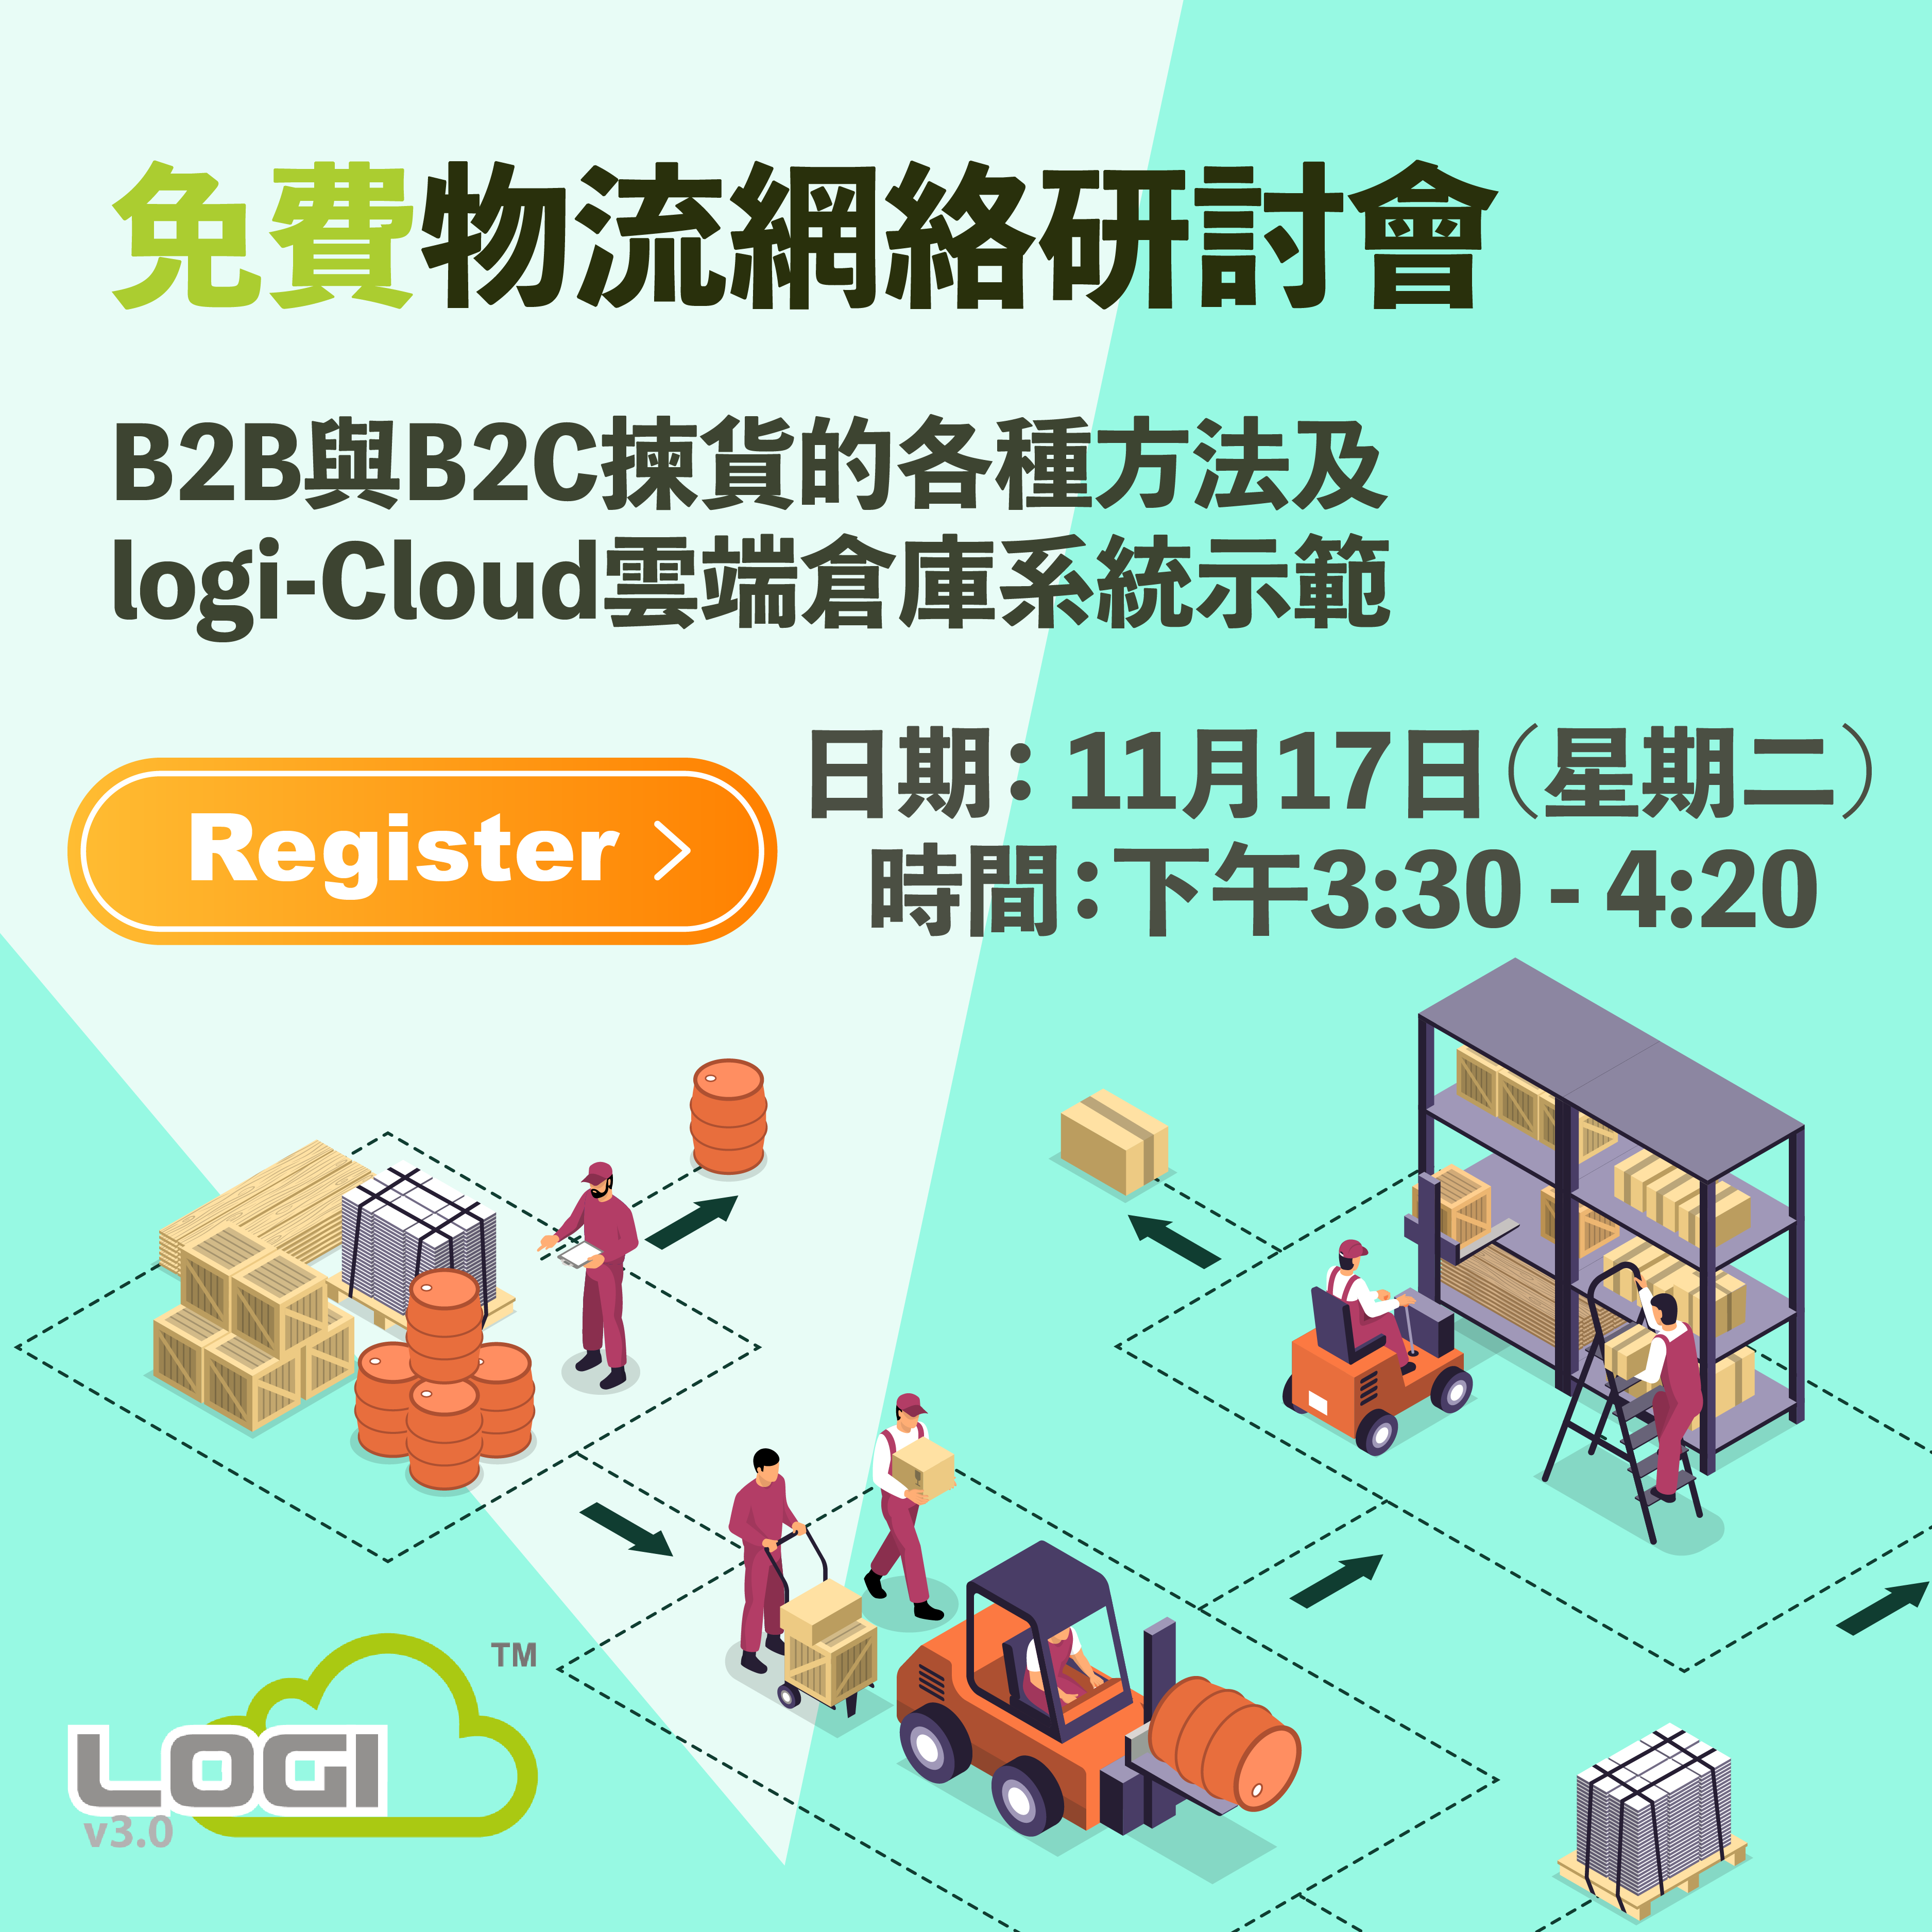 logi-Cloud Webinar